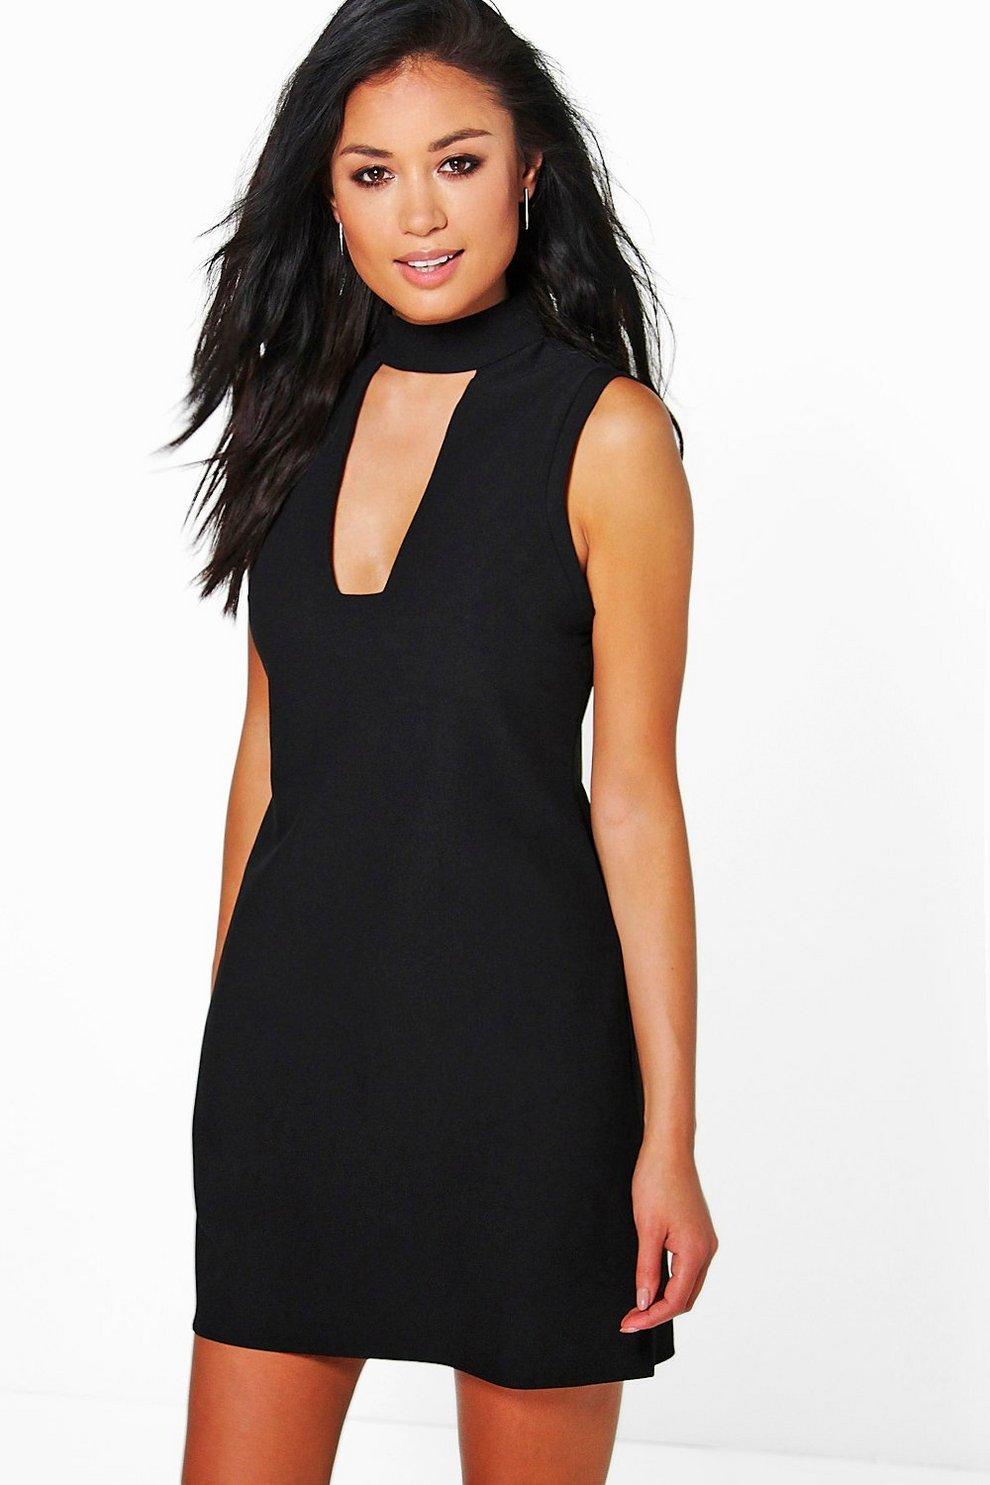 Sonya High Neck Cut Out Sleeveless Shirt Dress  be931e773